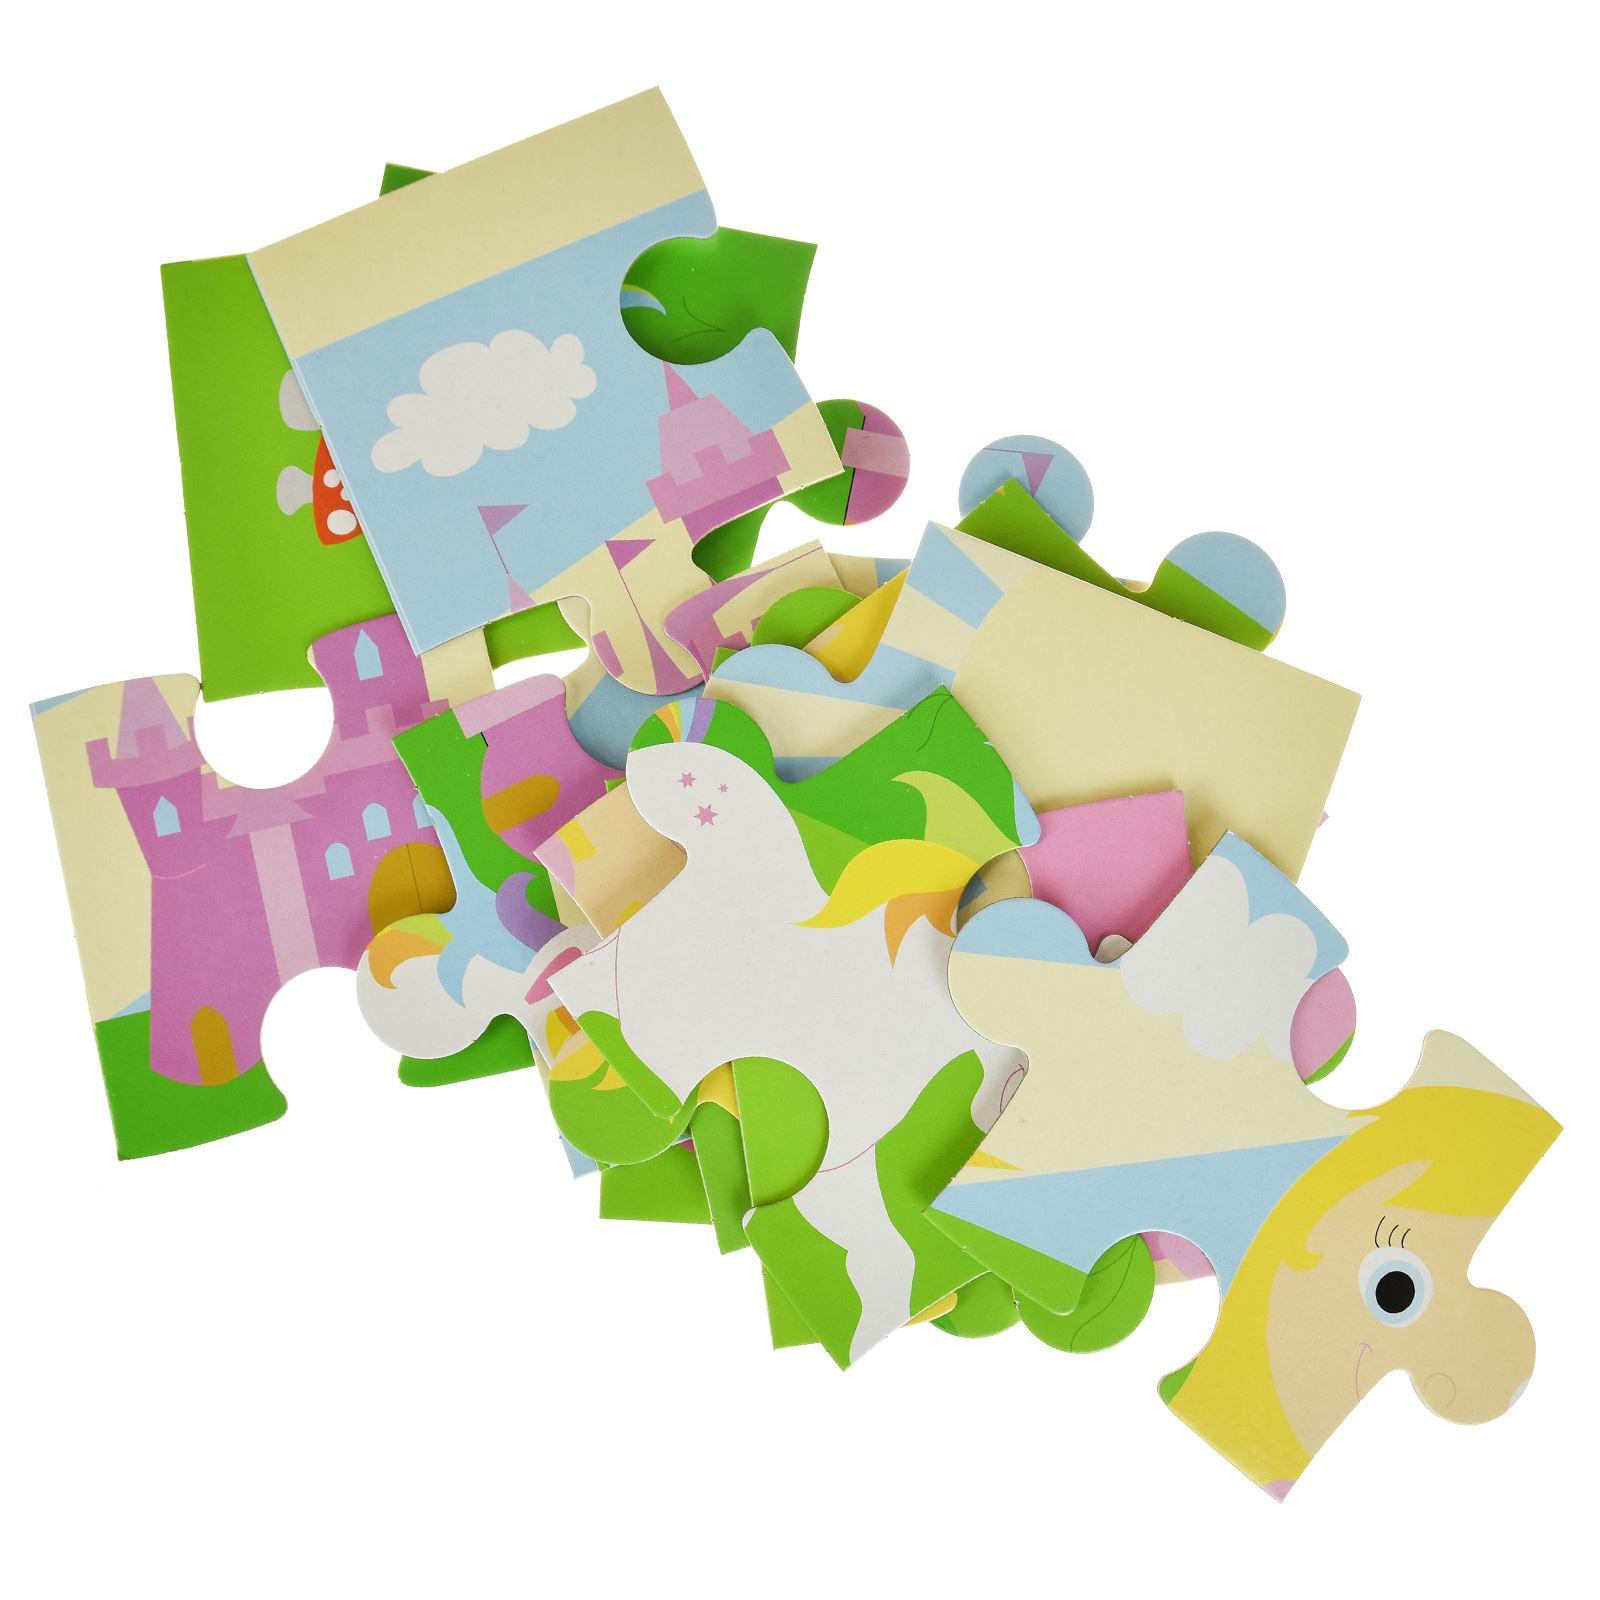 16pc-Mon-Premier-Puzzle-Enfants-educatif-Problem-Solving-jeu-jouet miniature 6